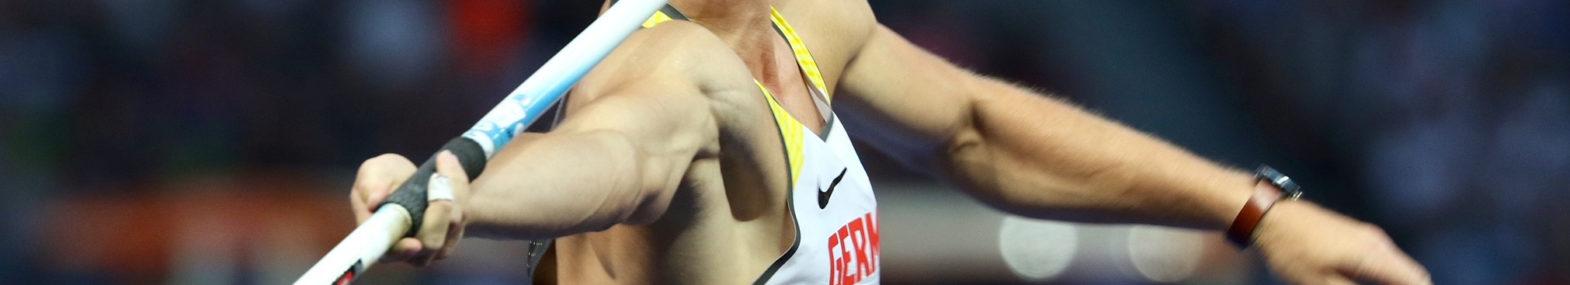 Rückenansicht von Olympiasieger und Europameister Thomas Röhler beim Speerwurf.